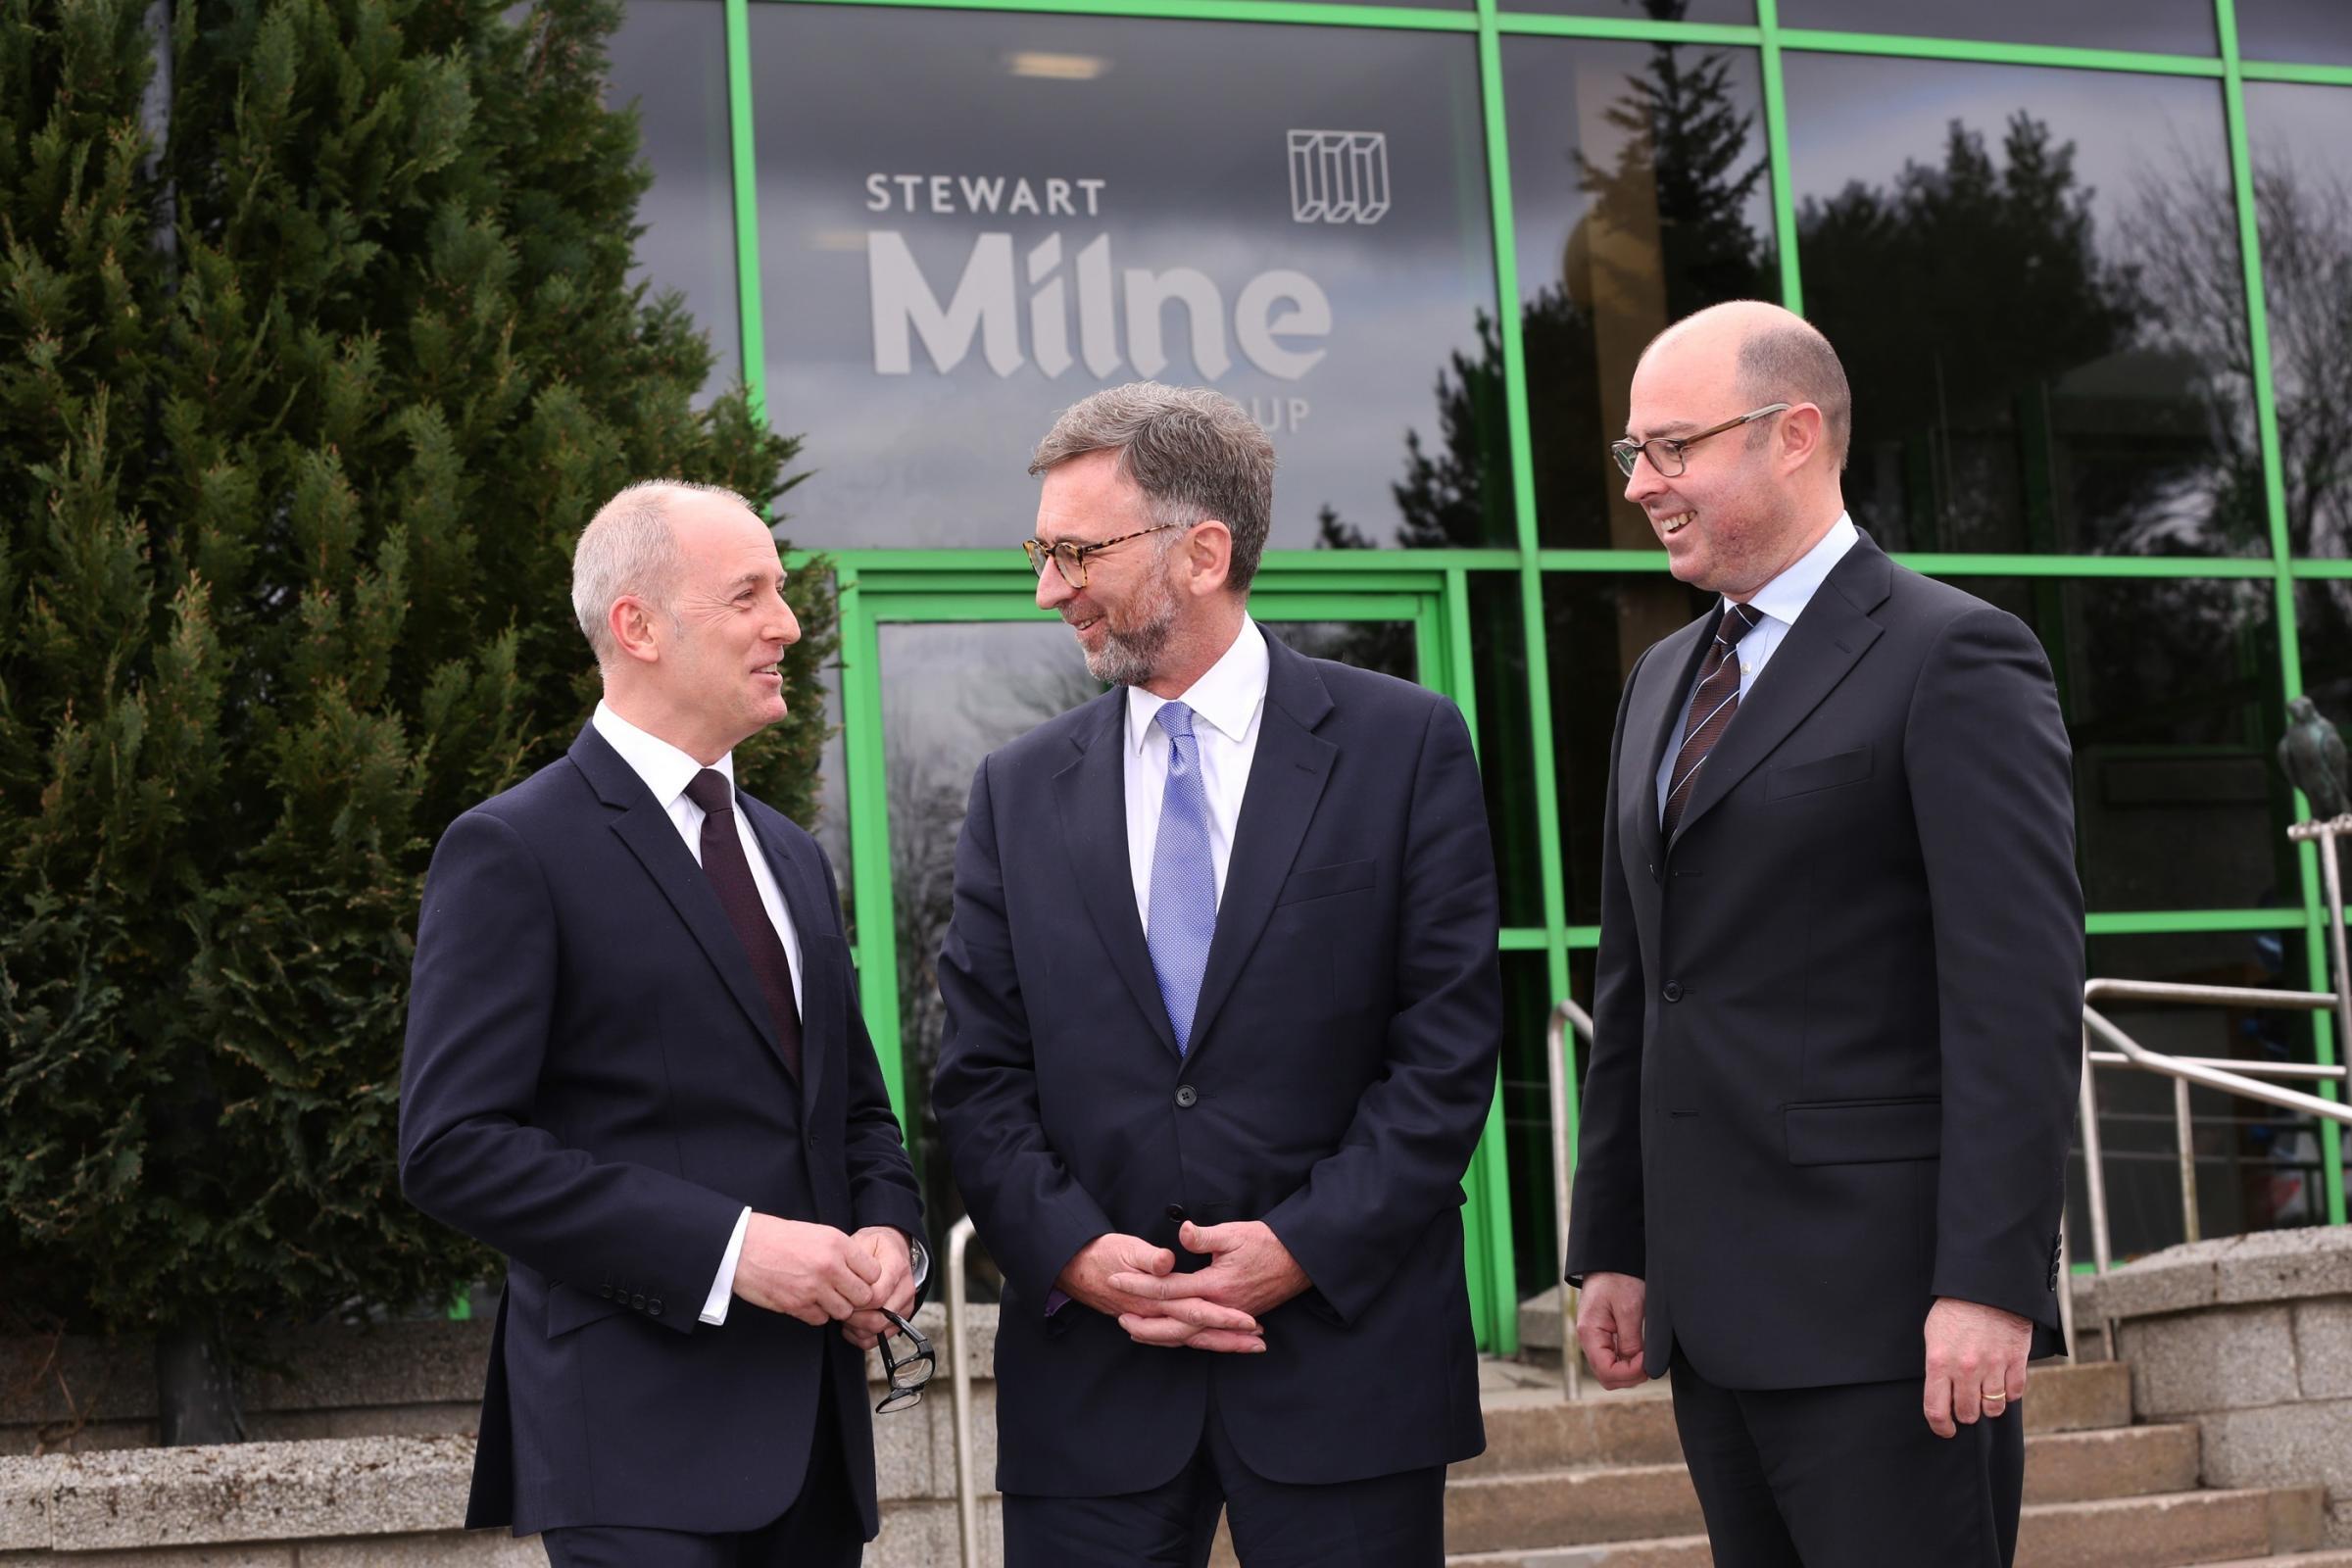 John Slater, Lord Dunlop and Stuart MacGregor, group finance director, Stewart Milne Group